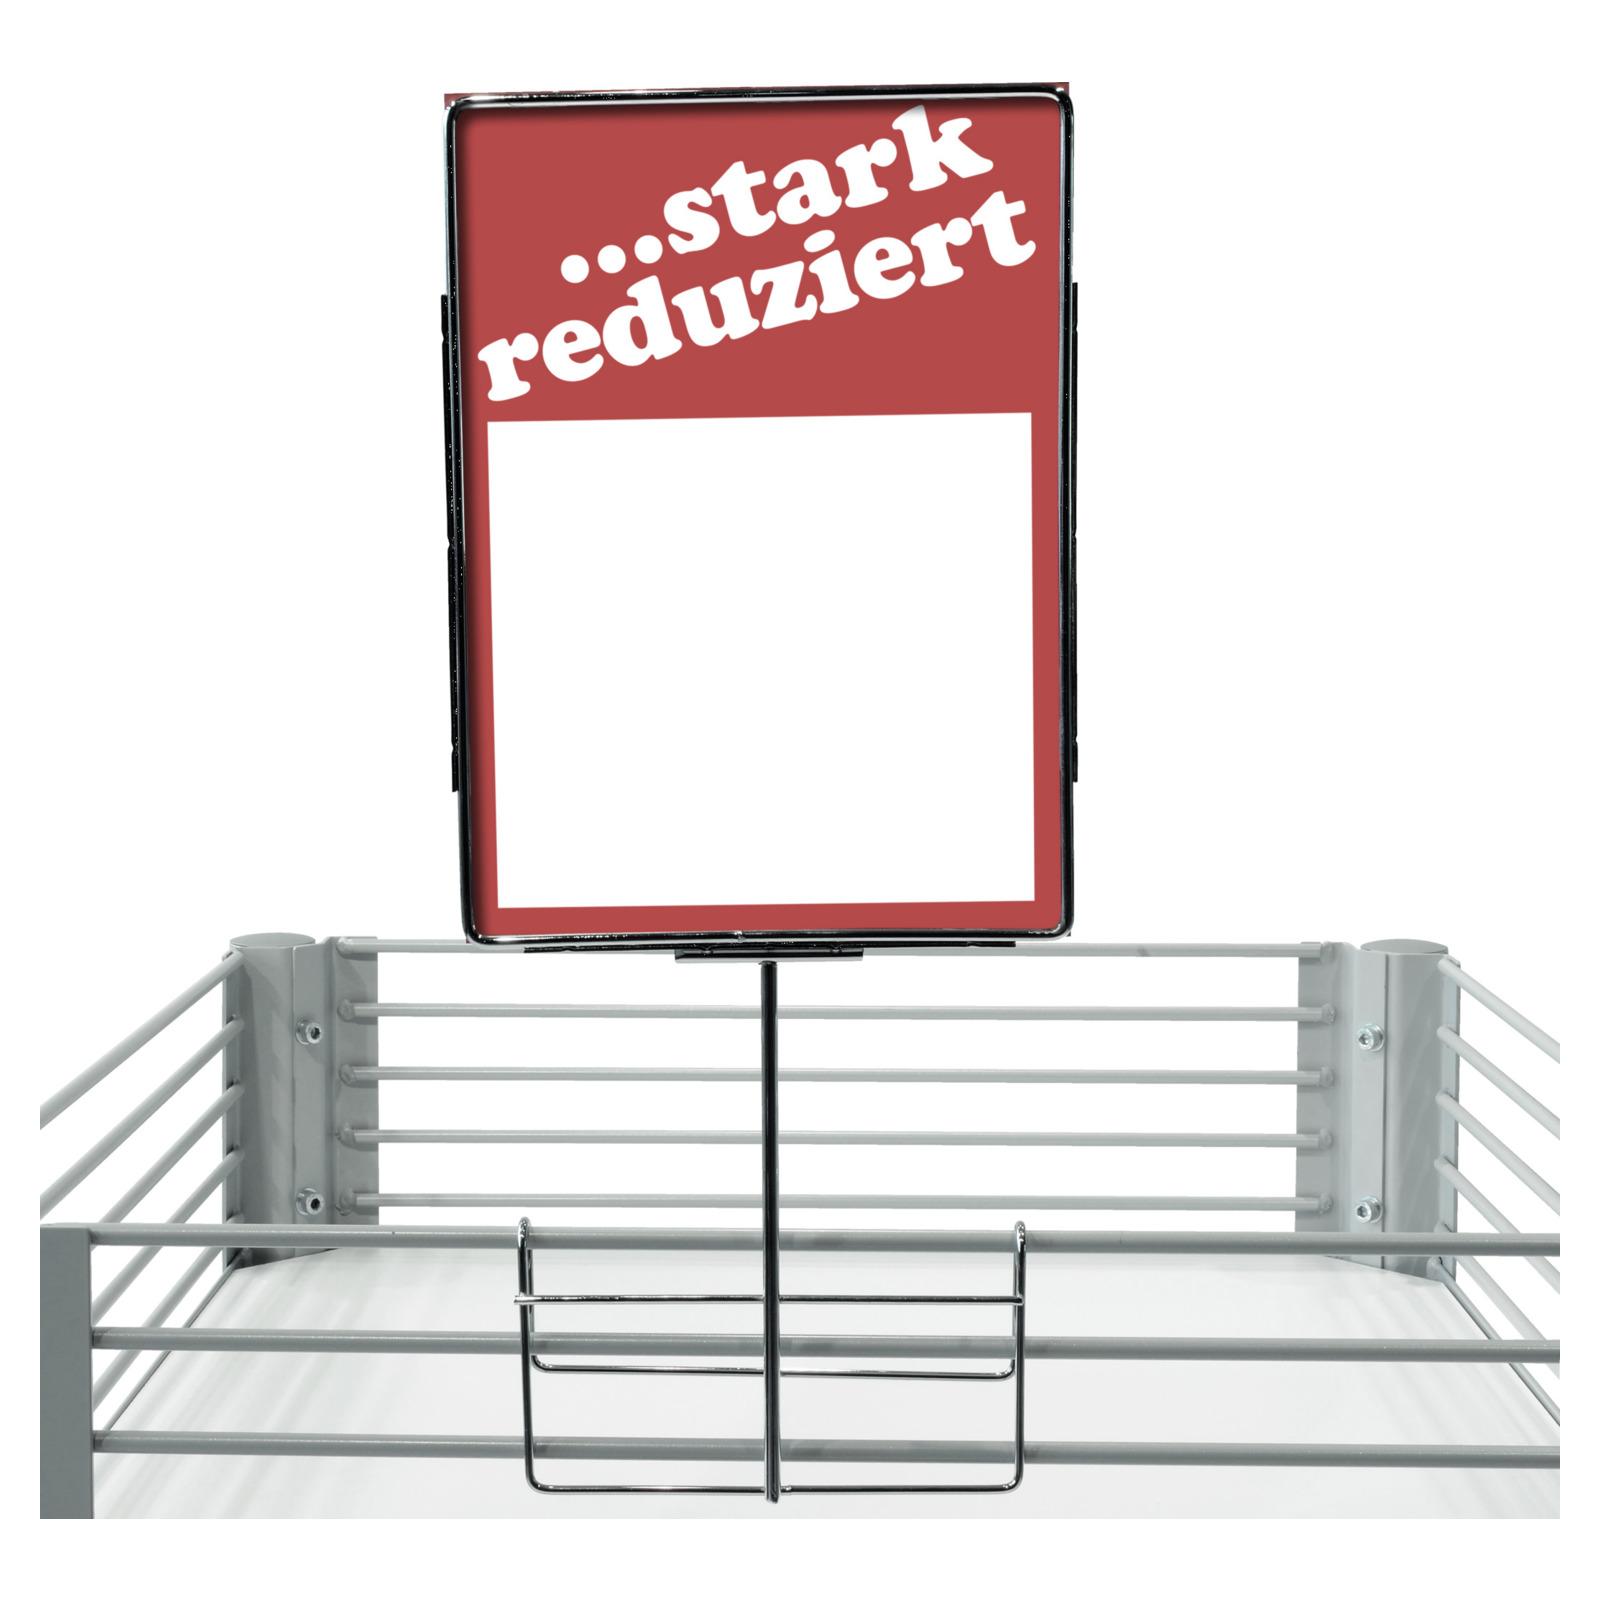 Metall Plakatrahmen zum Aufstecken, verchromt - Plakatrahmen ...